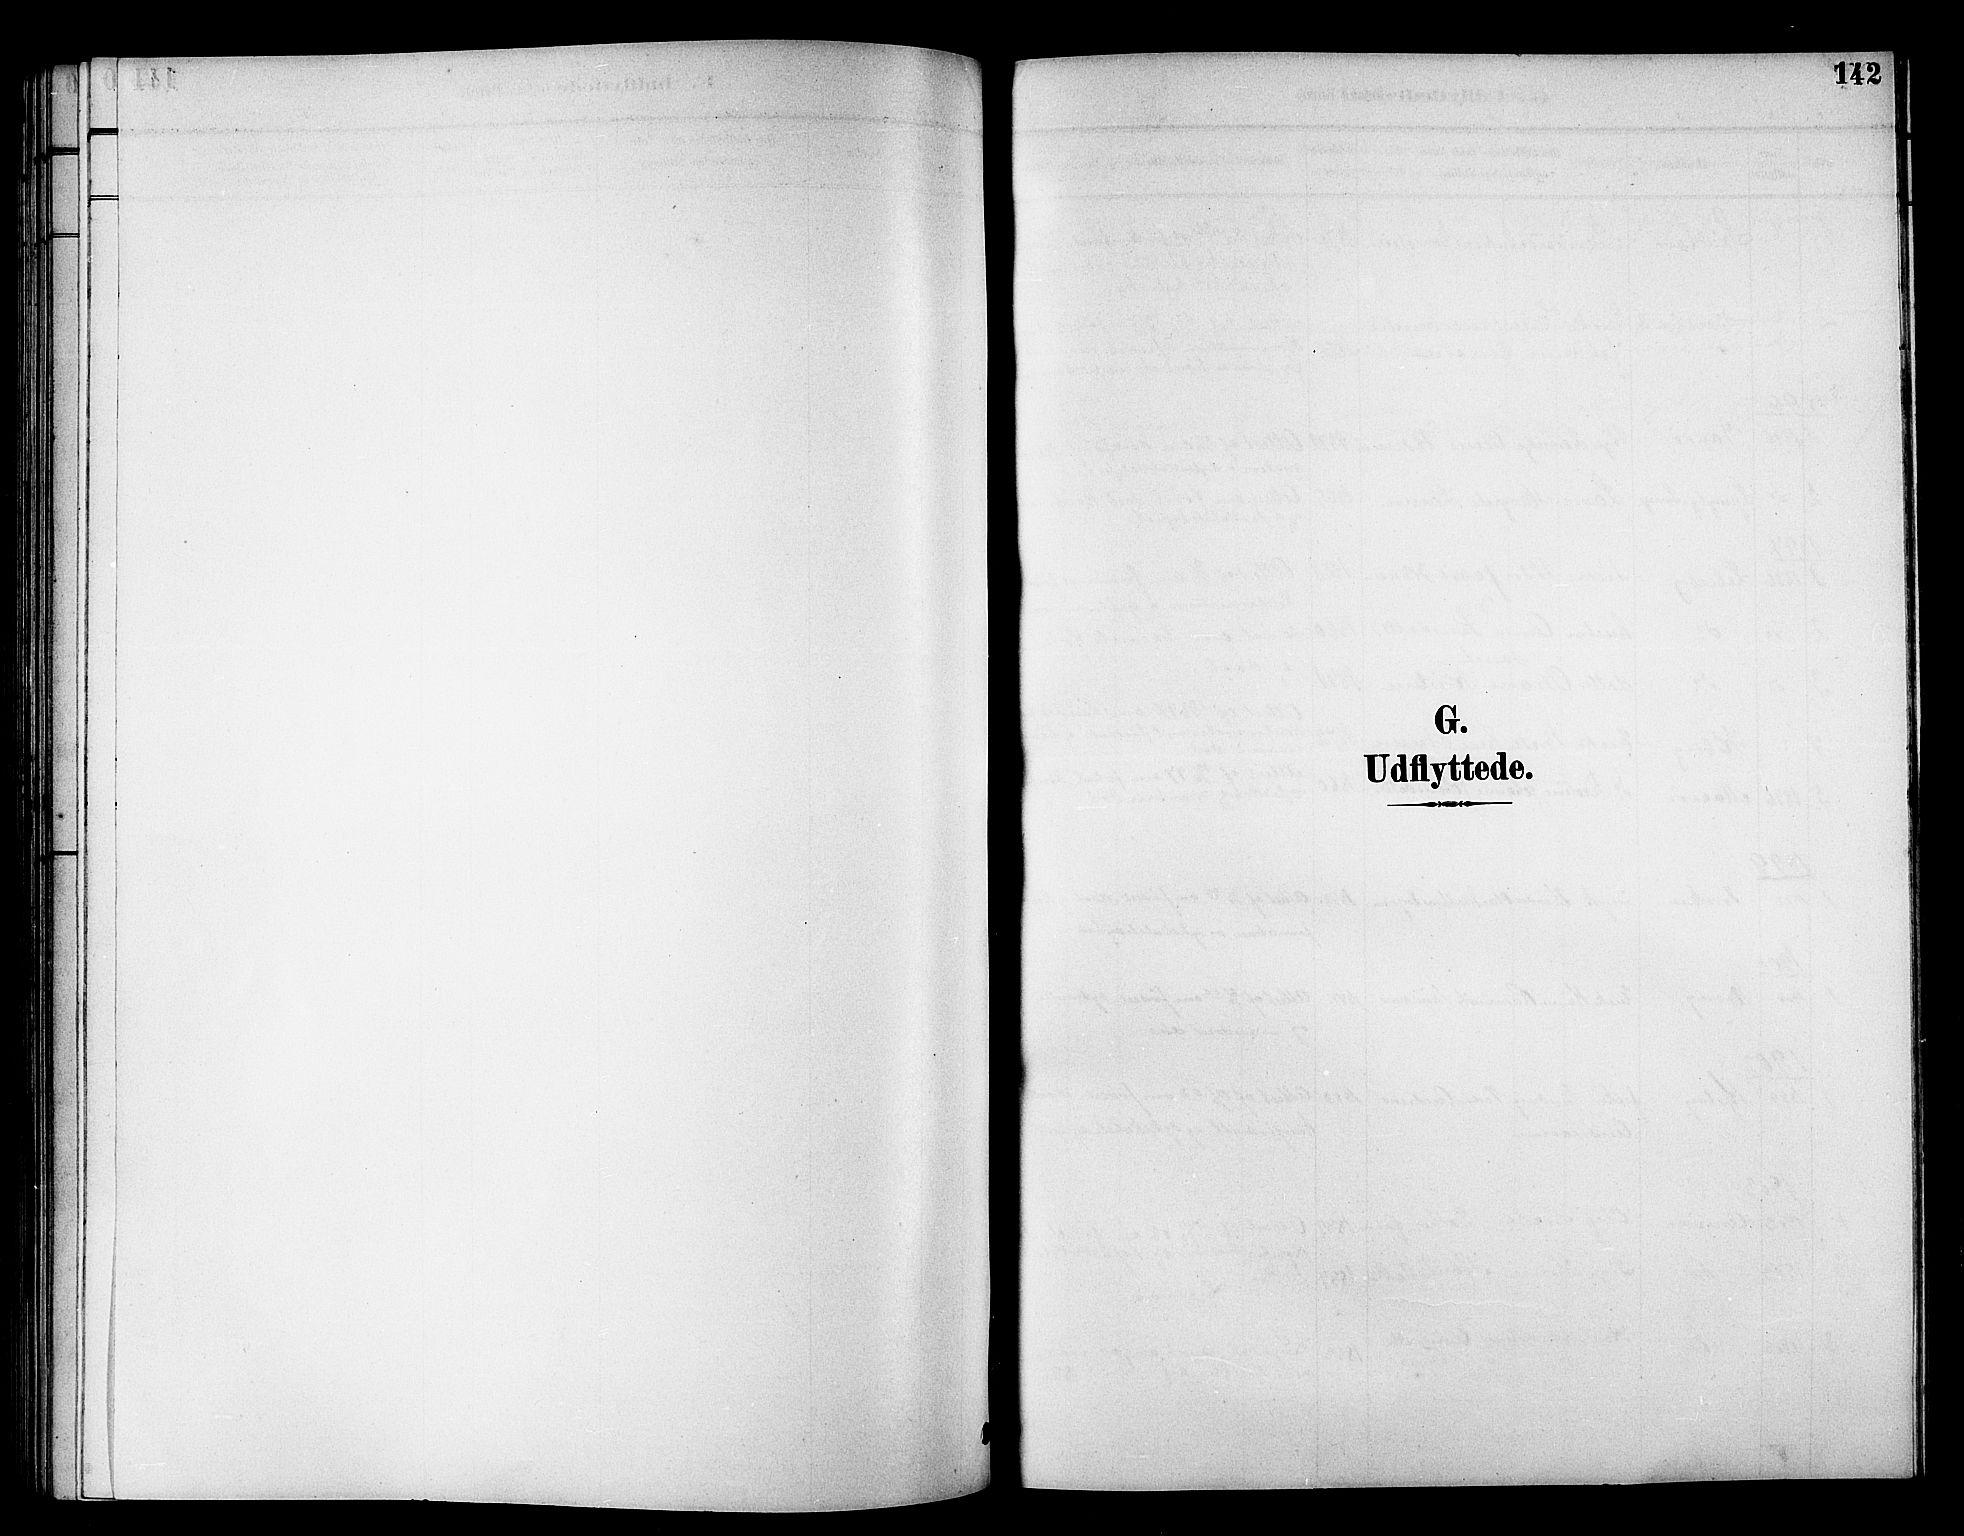 SATØ, Tana sokneprestkontor, H/Hb/L0006klokker: Klokkerbok nr. 6, 1892-1909, s. 142